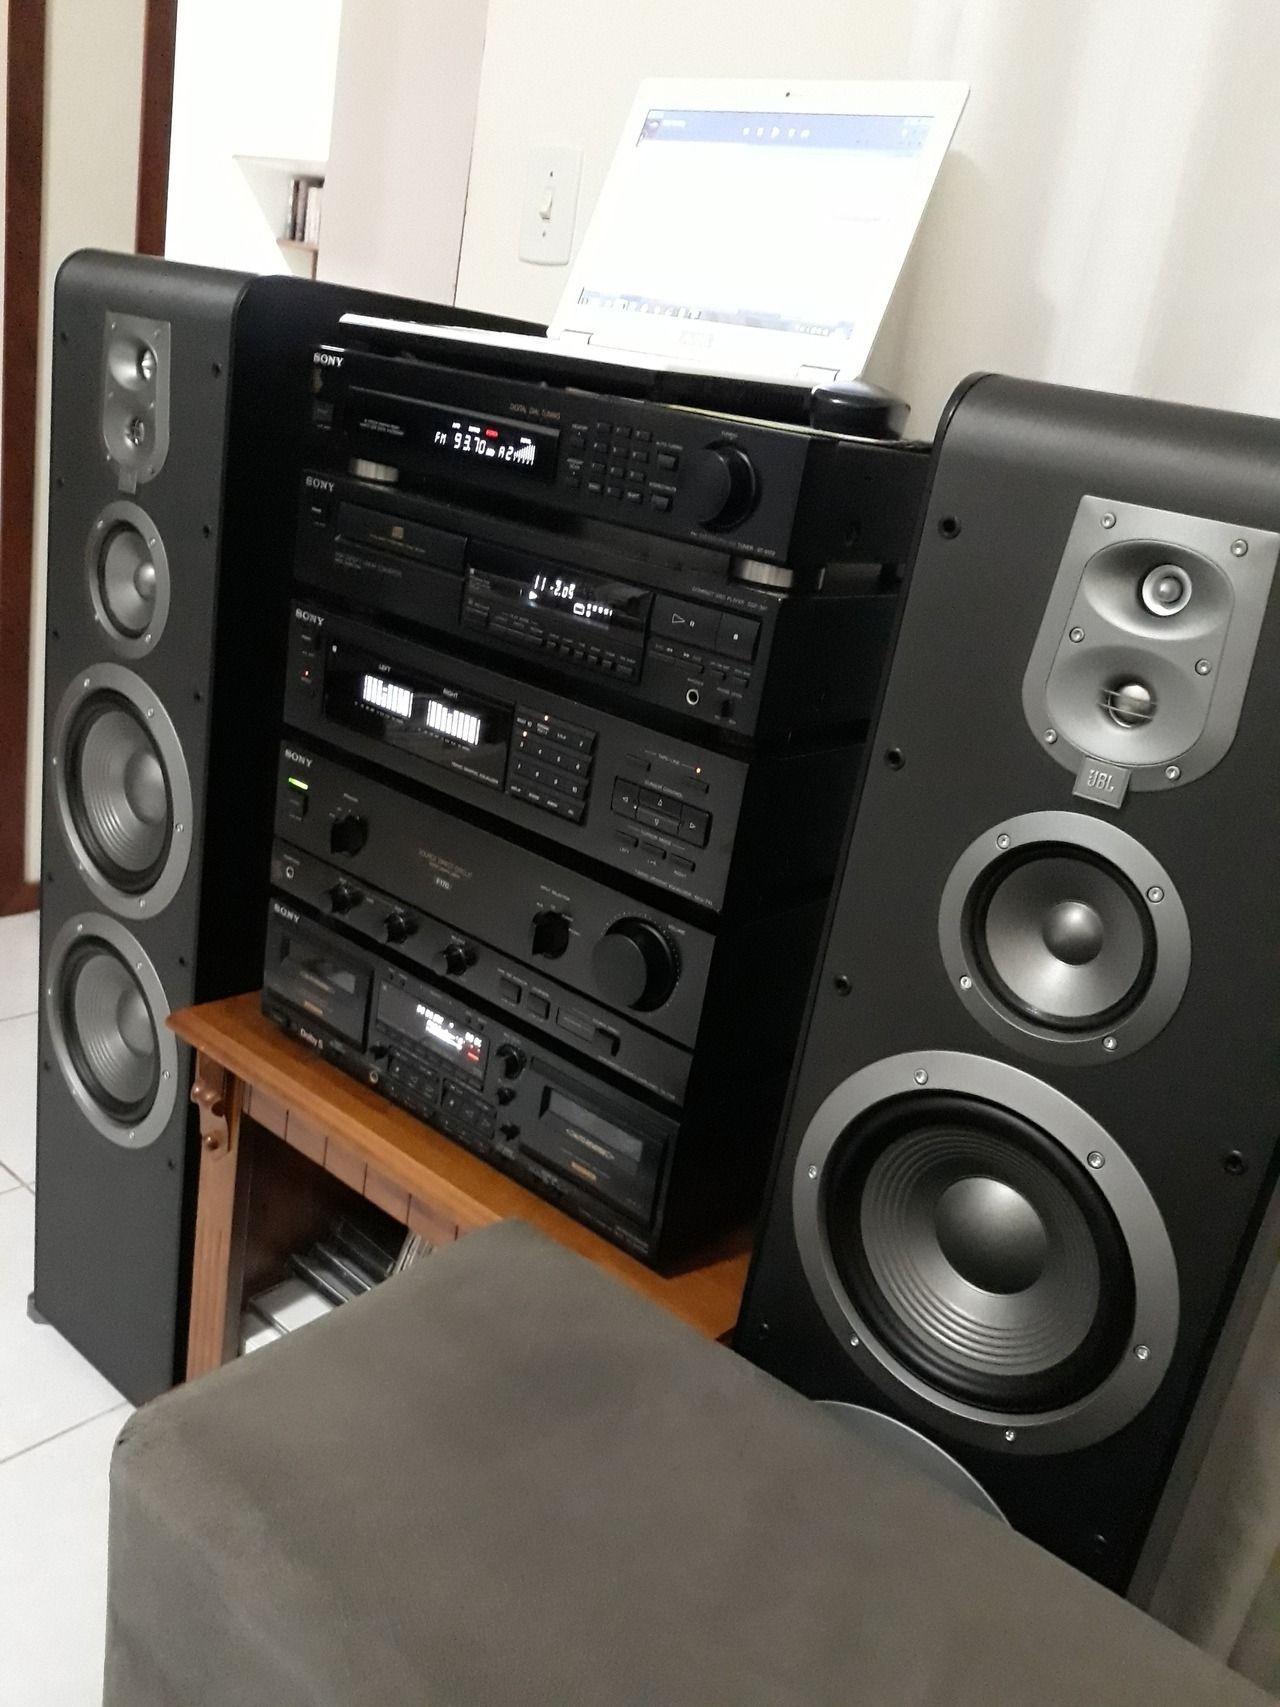 My Sound Sony Jbl Aparelho De Som Som De Casa Radio Antigo